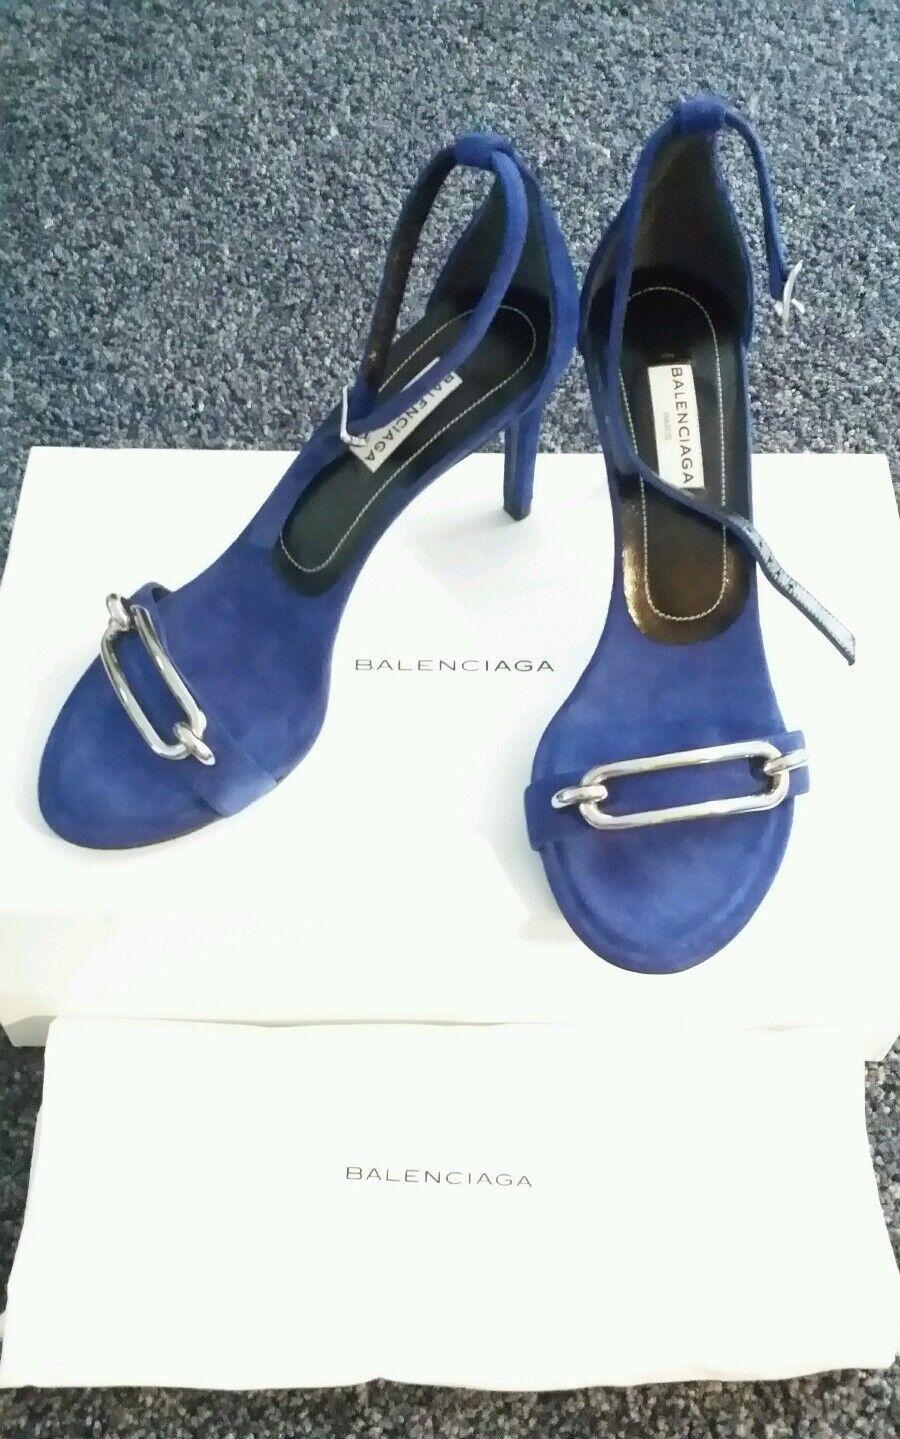 BALENCIAGA ELECTRIC blu Suede Ankle Strap Heels Sandals Dimensione 36   795 NIB